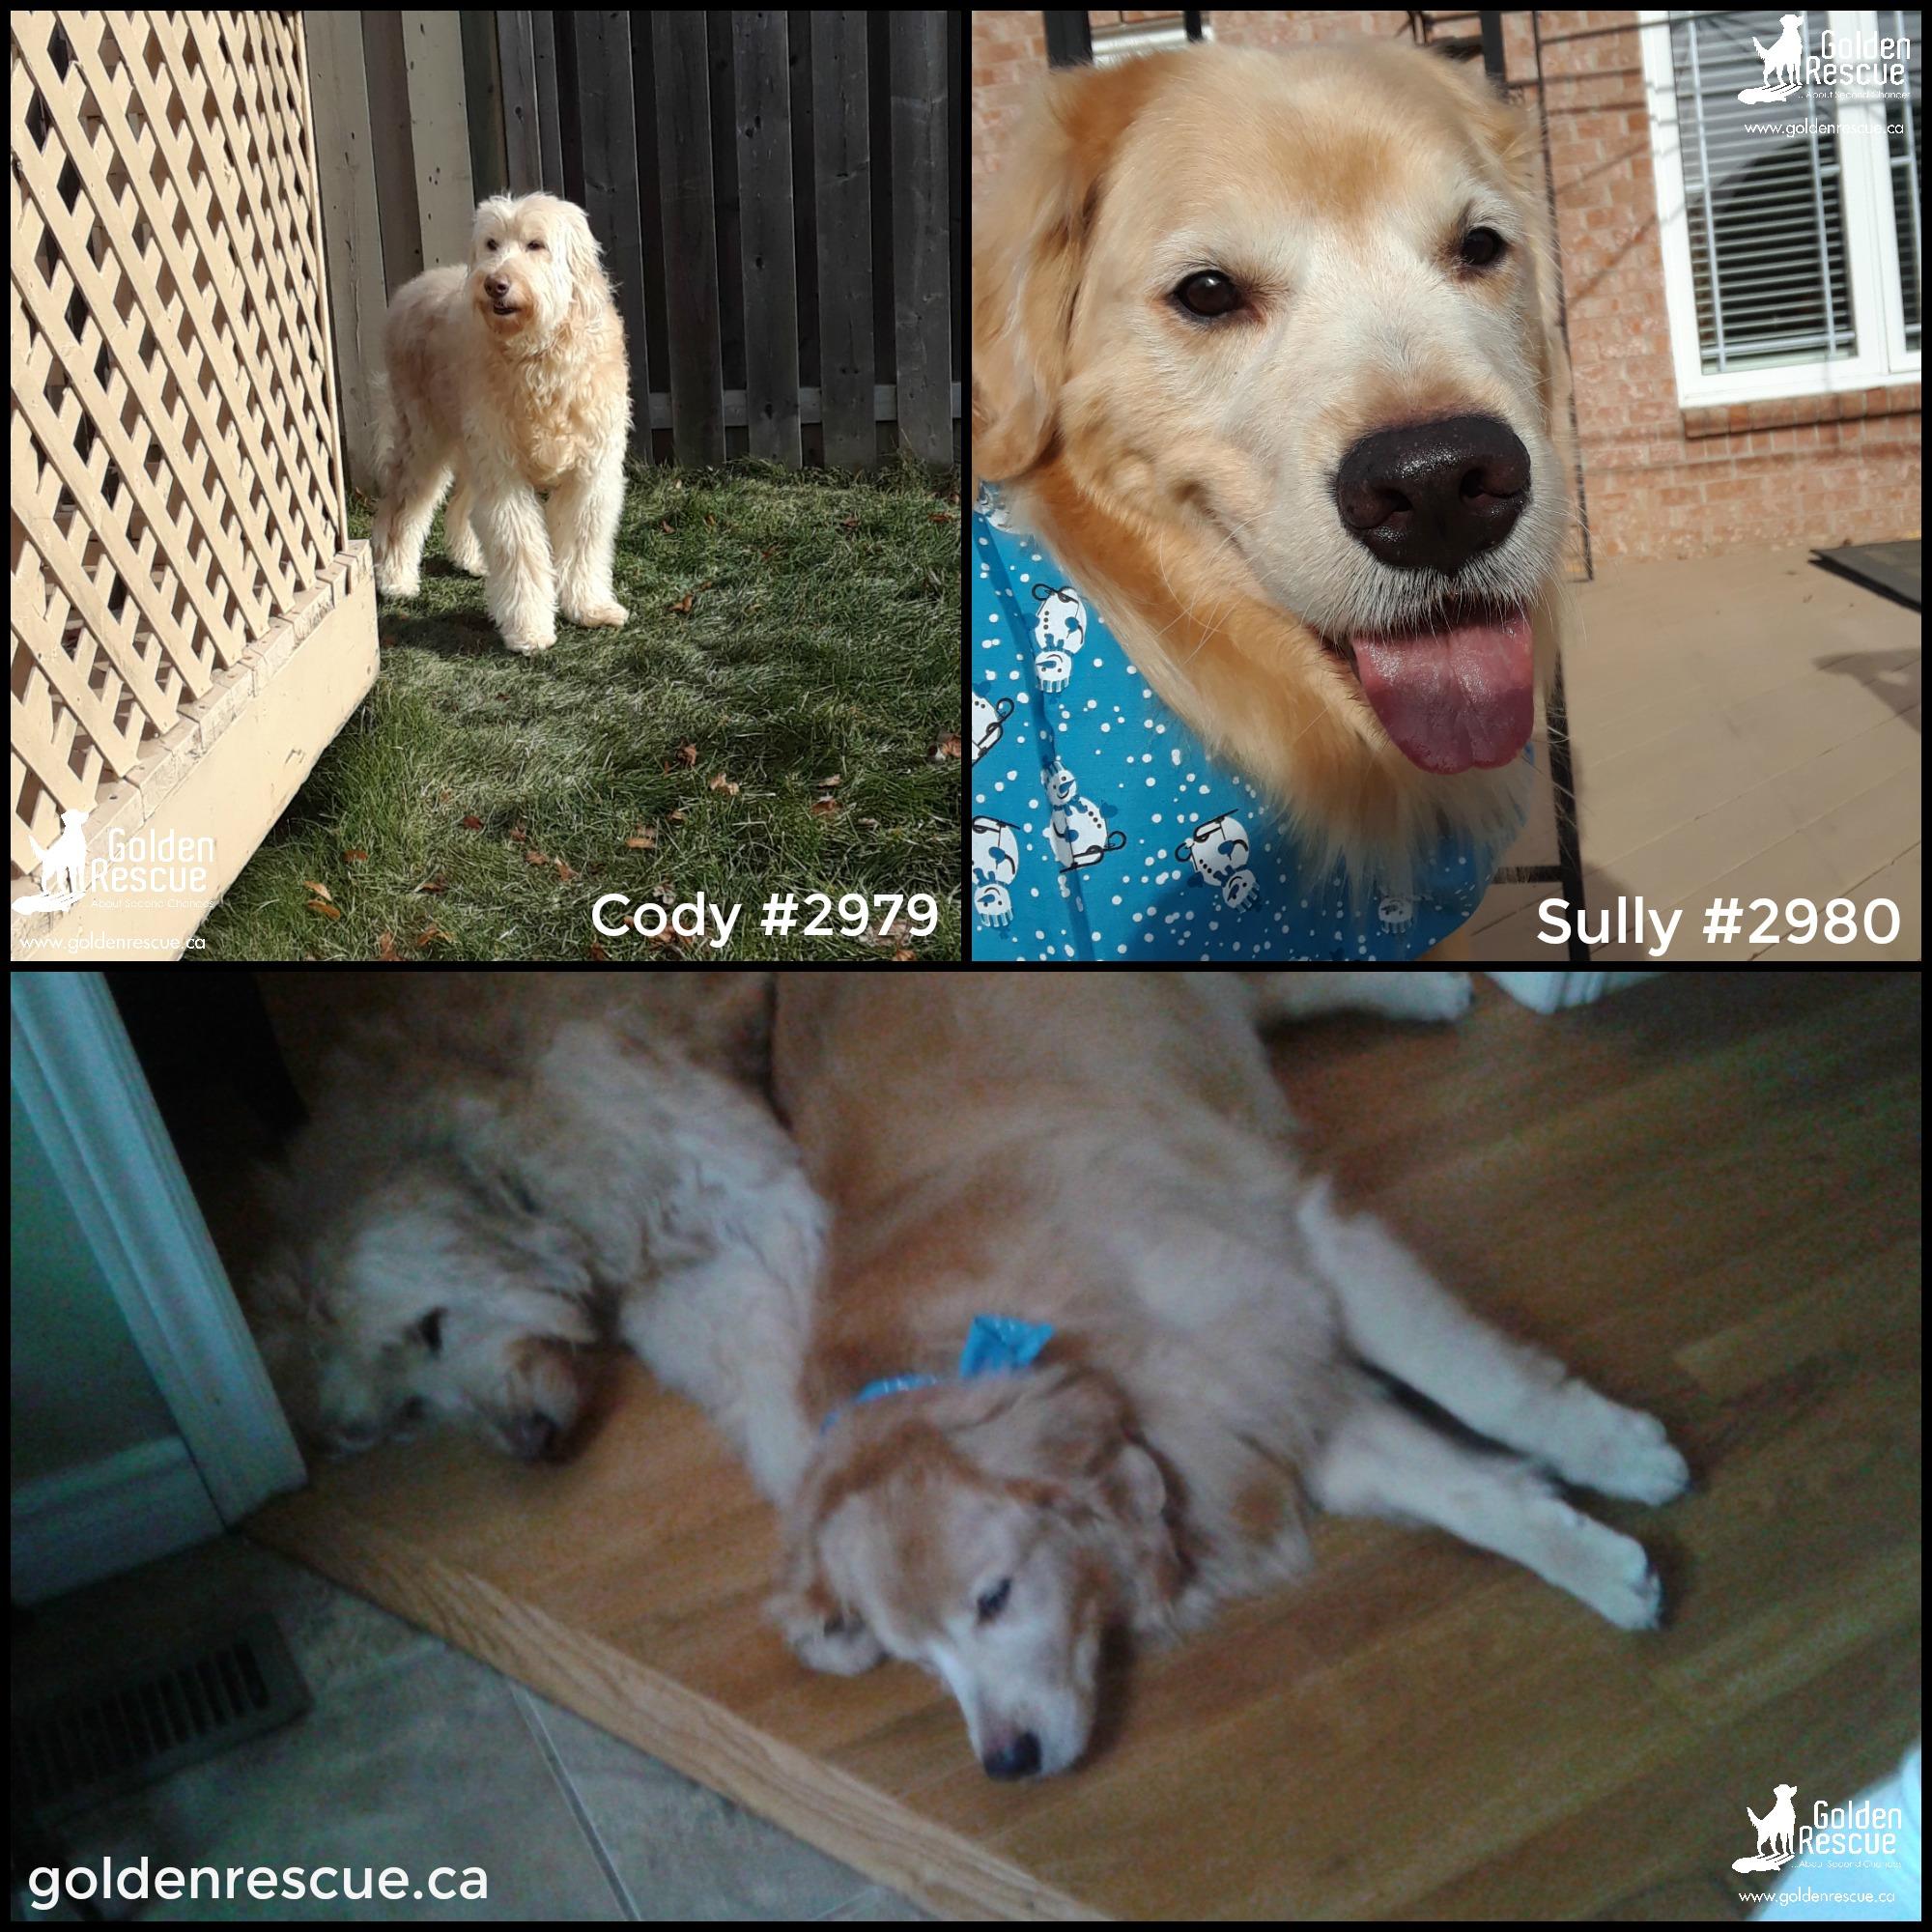 #2979 Cody & #2980 Sully